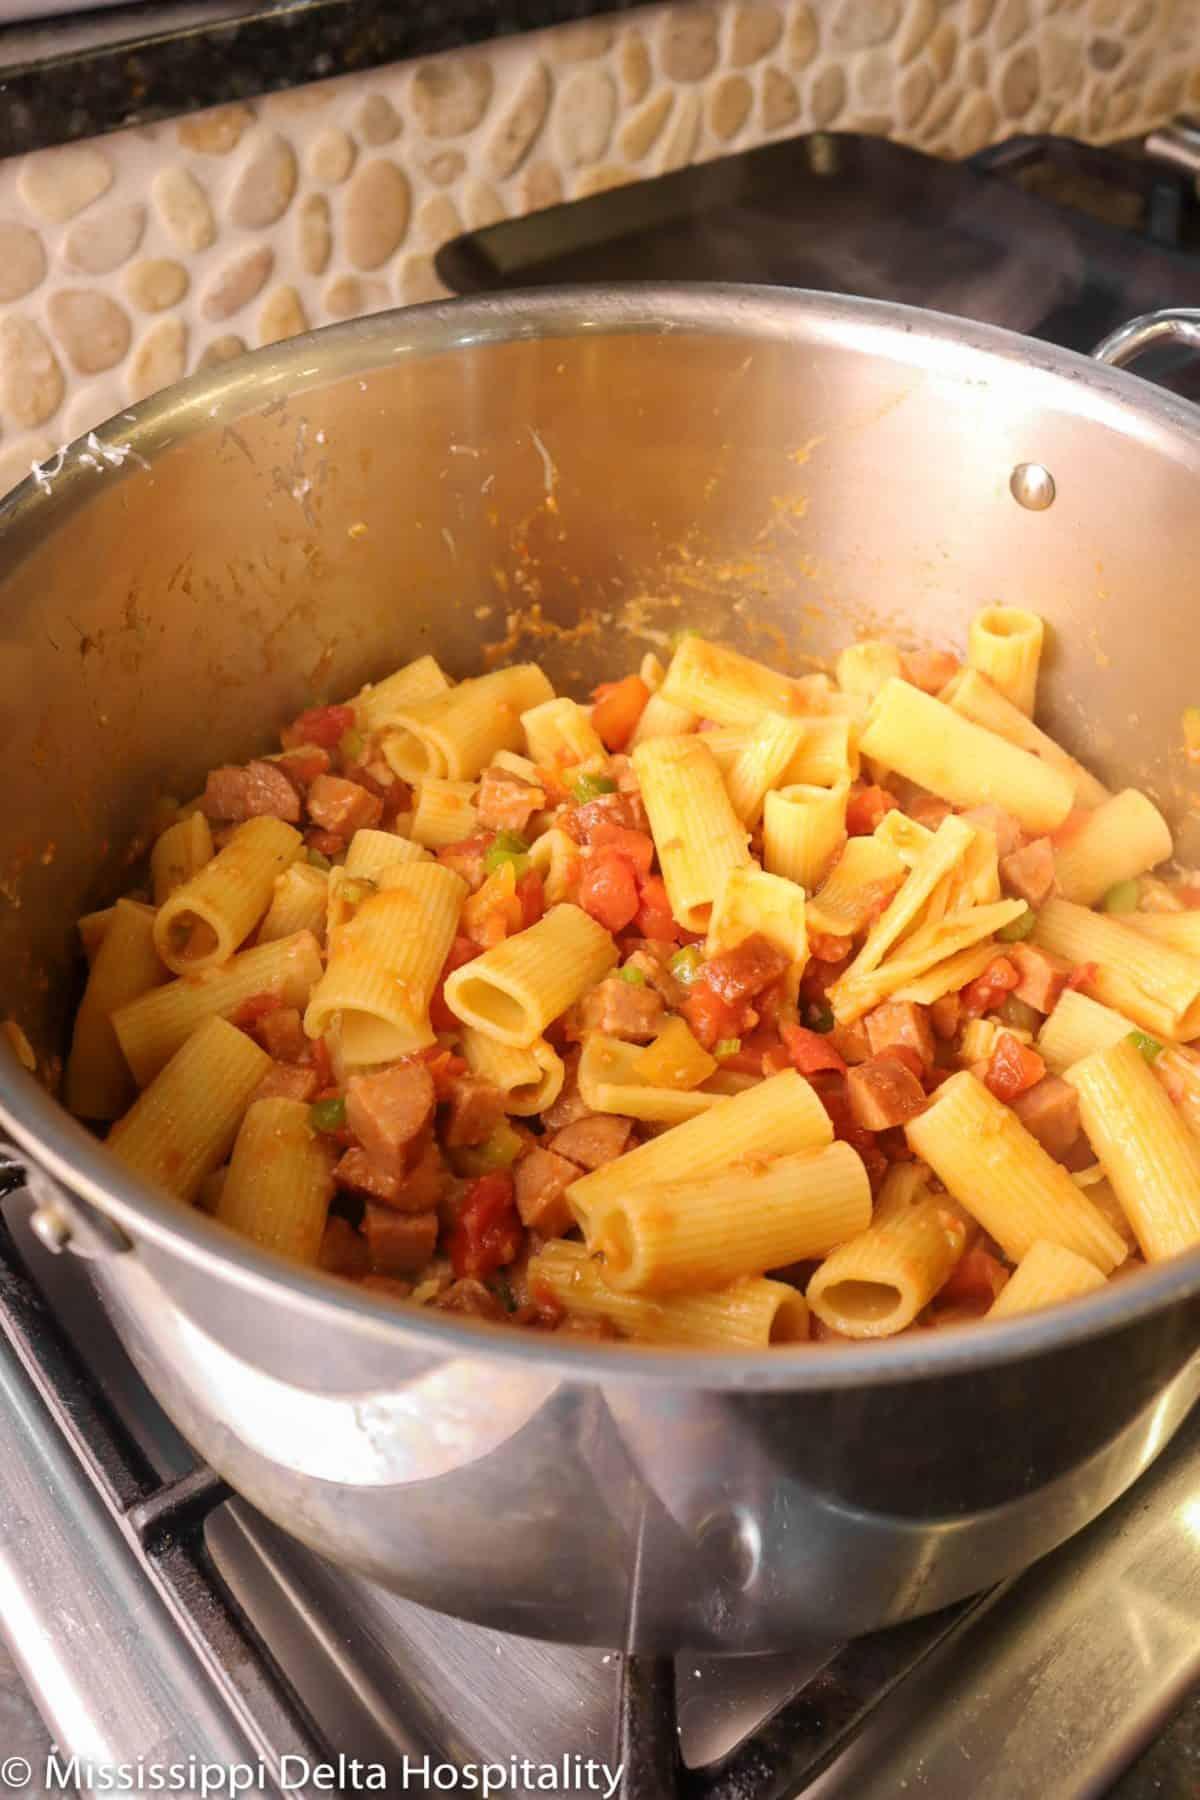 rigatoni mixture in a pot